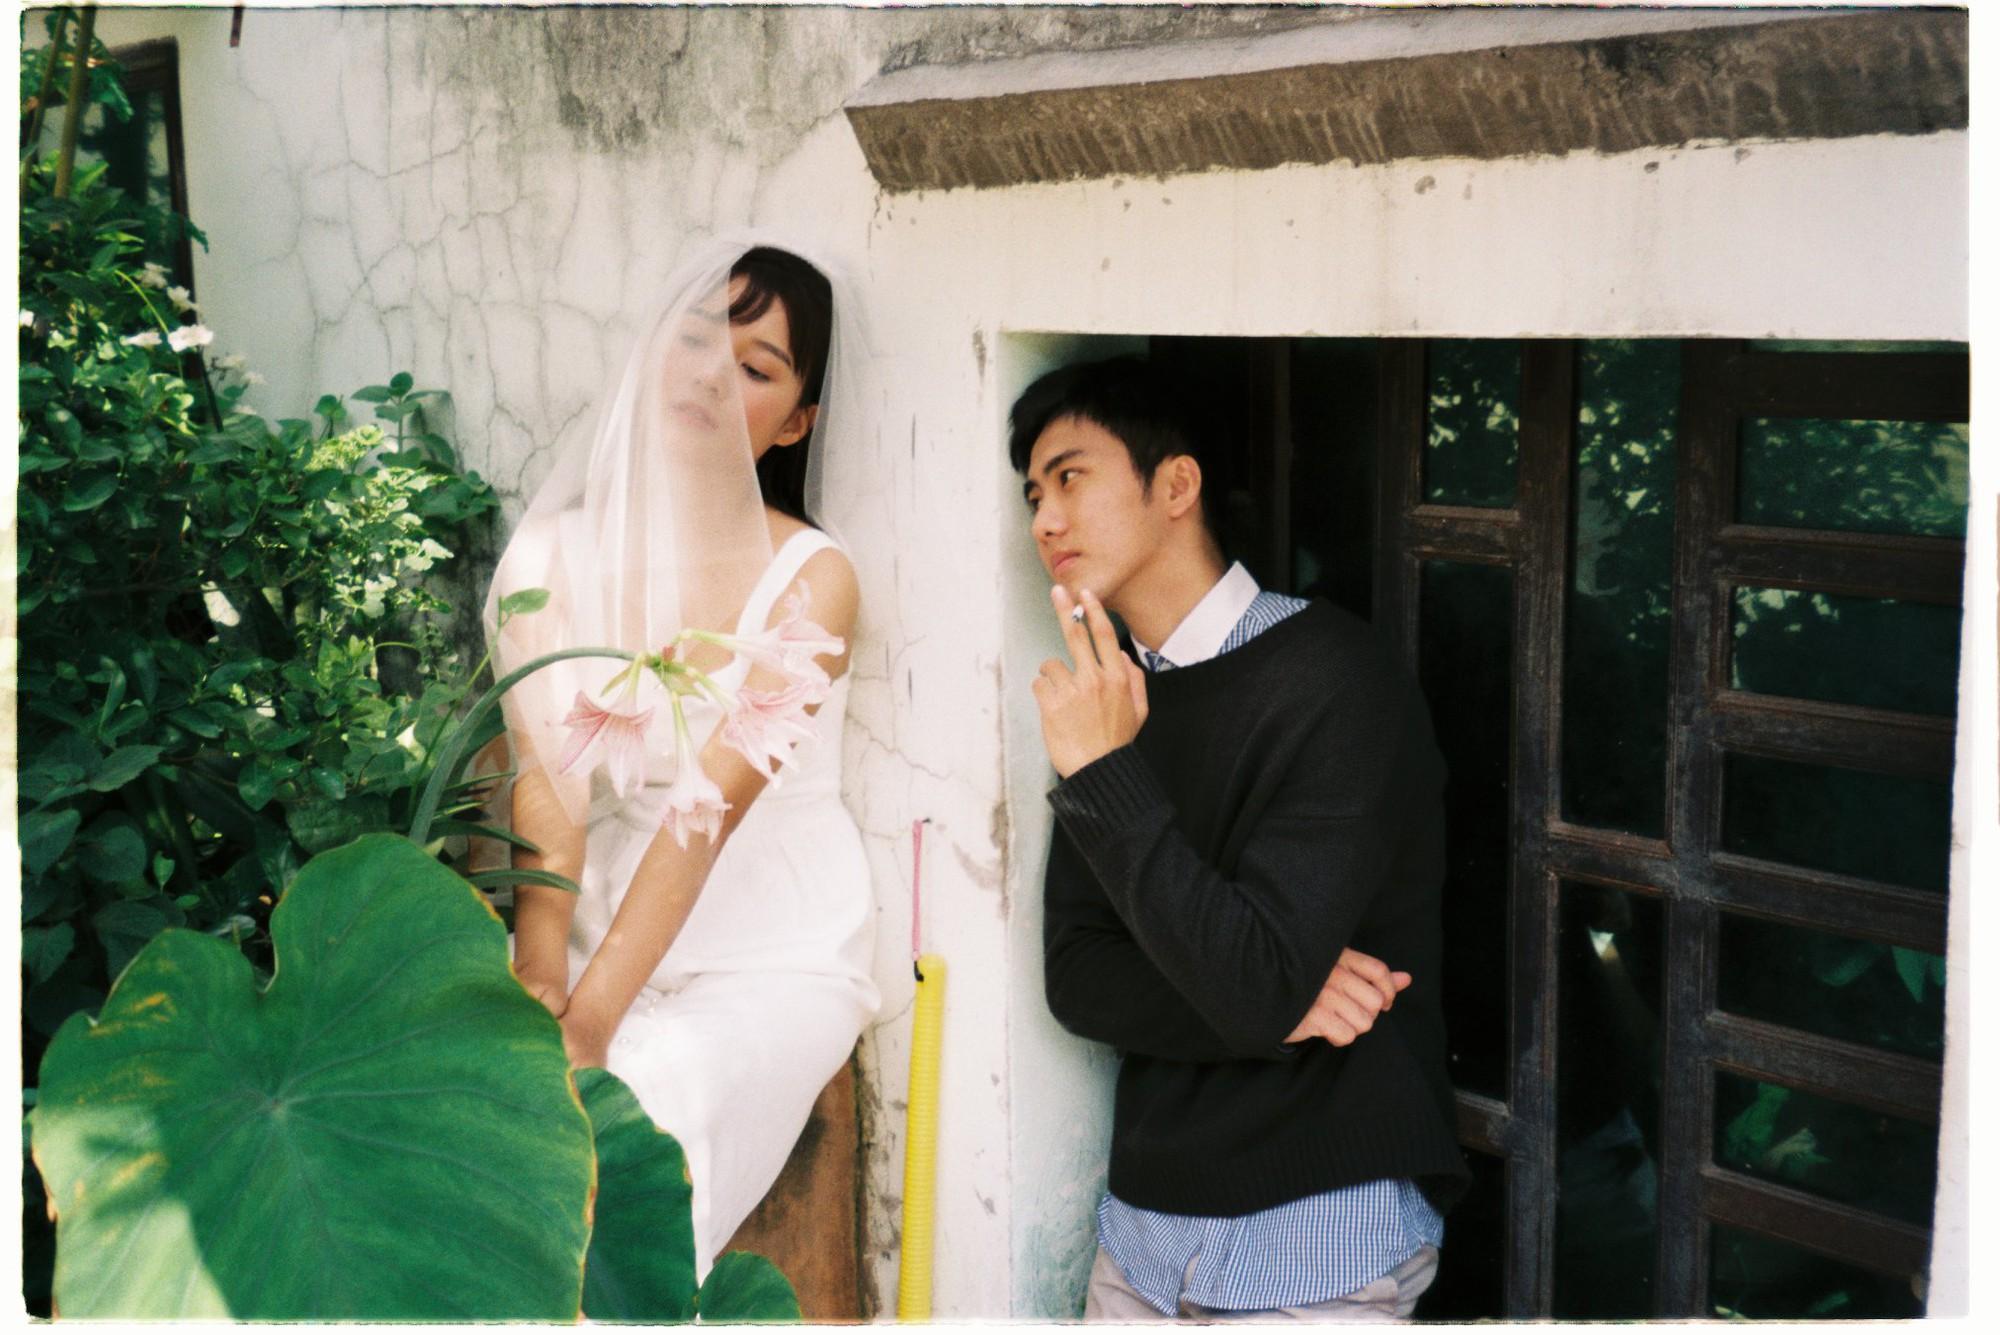 30 phút mượn vườn nhà bác hàng xóm, 9X Việt cho ra bộ ảnh cưới chất như film Hong Kong - Ảnh 1.